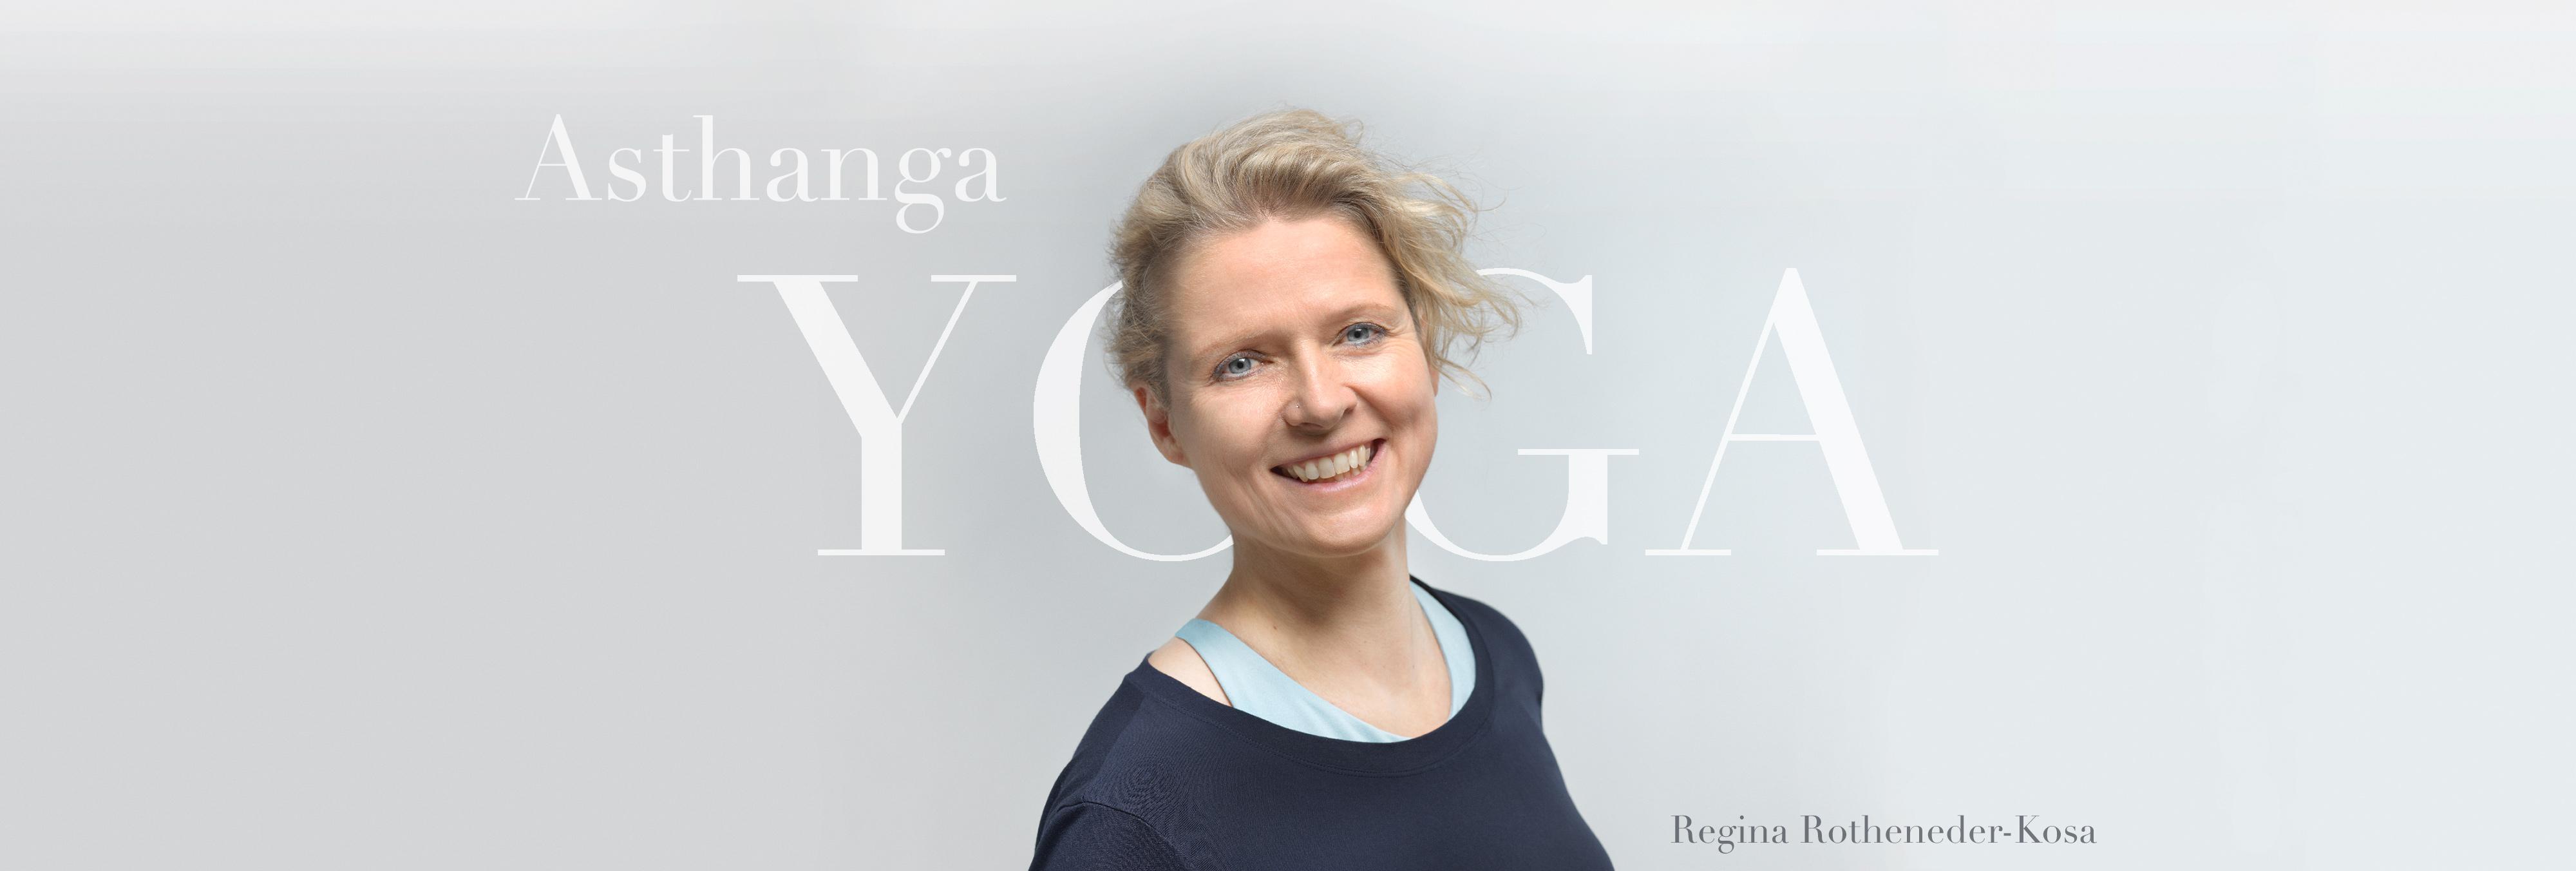 Ashtanga Yoga Regina Rotheneder-Kosa